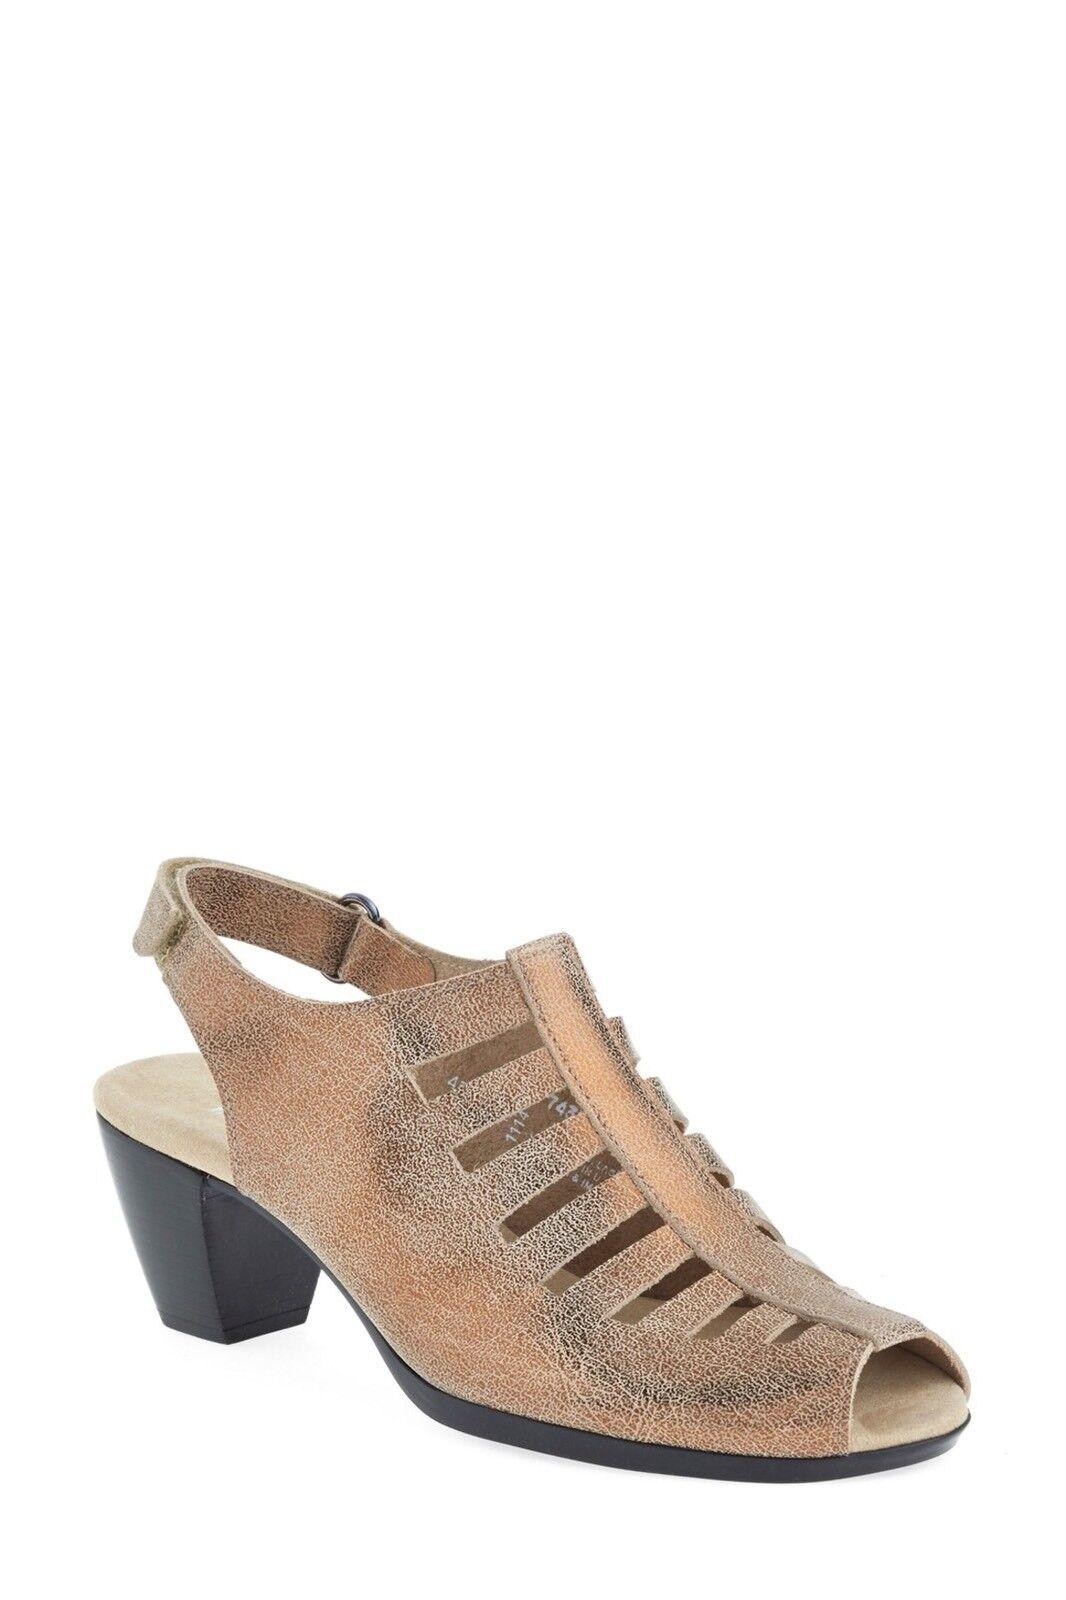 da non perdere! Munro 8.5M 8.5M 8.5M Abby Slingback oro Crackle Leather Mid Block Heel Peep Toe Sandal  servizio di prima classe